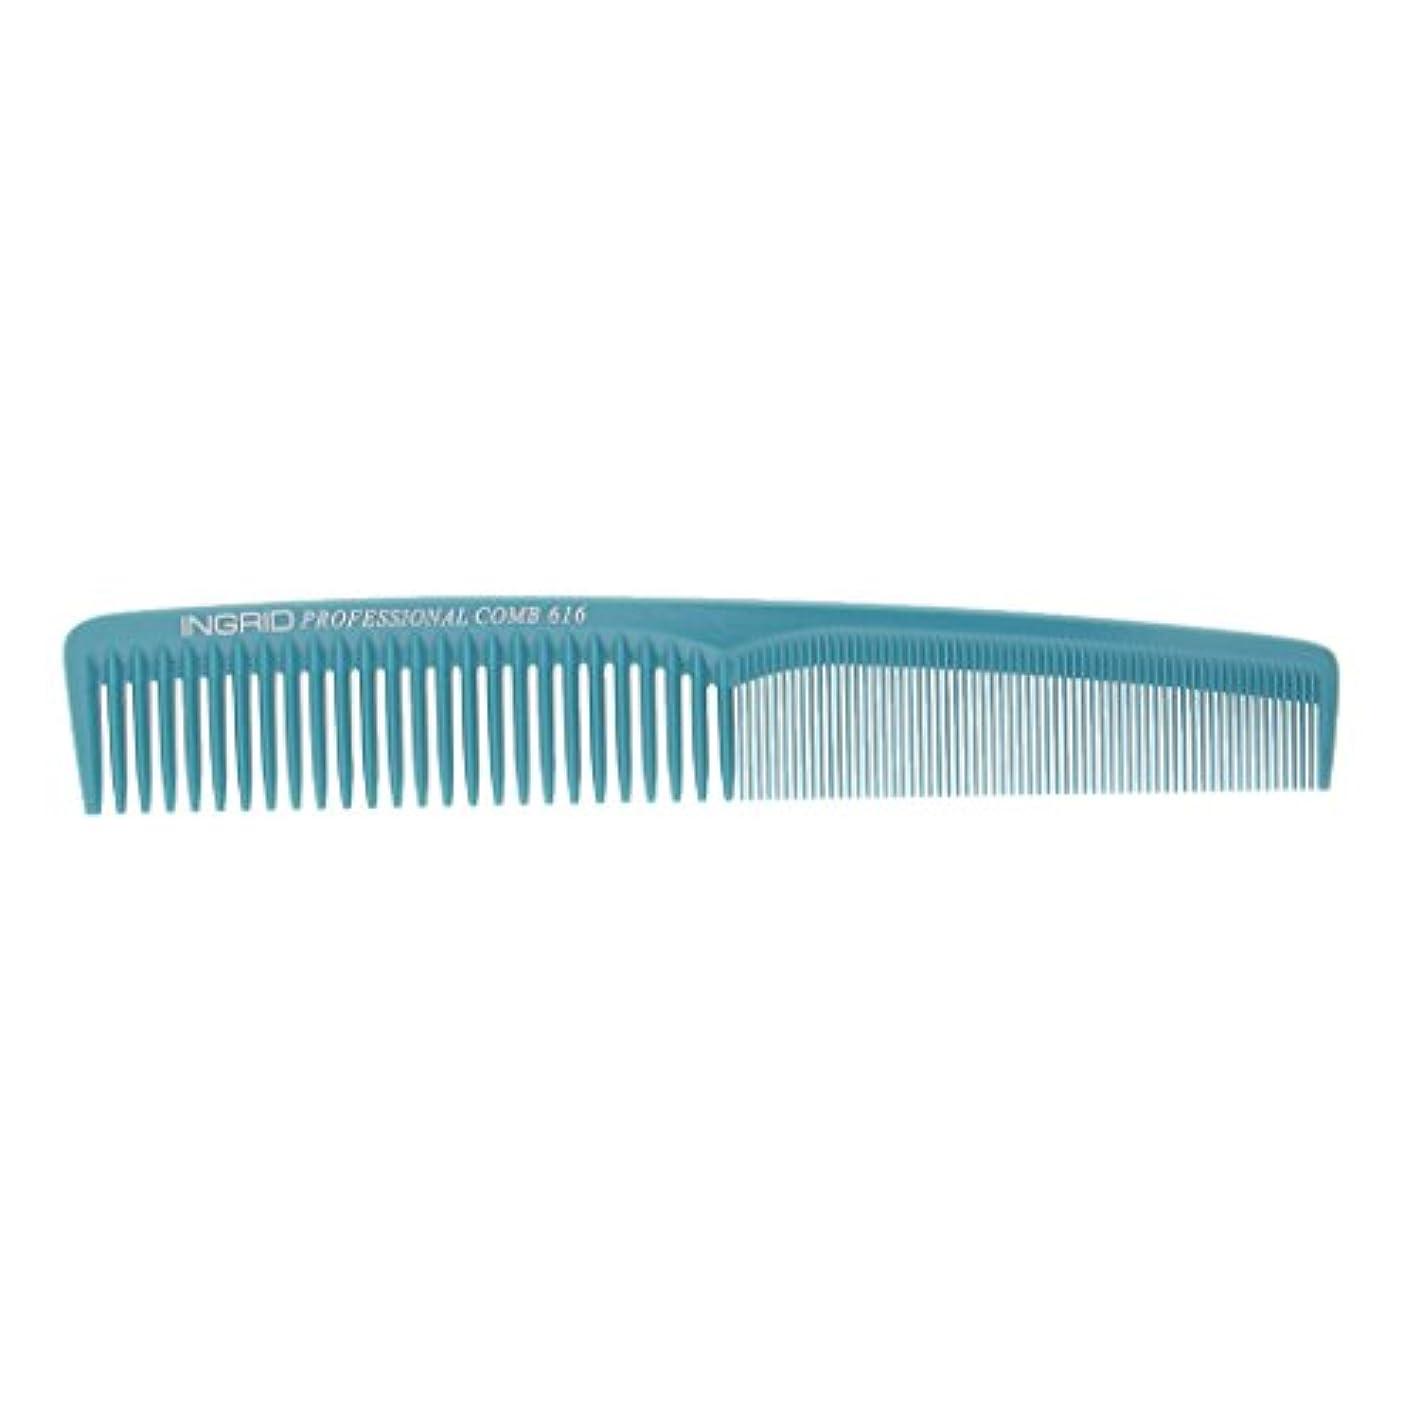 治世投票ヘクタールFutuHome ファッショナブルなヘアカット理髪師美容院プラスチック製の櫛 - ライトブルー